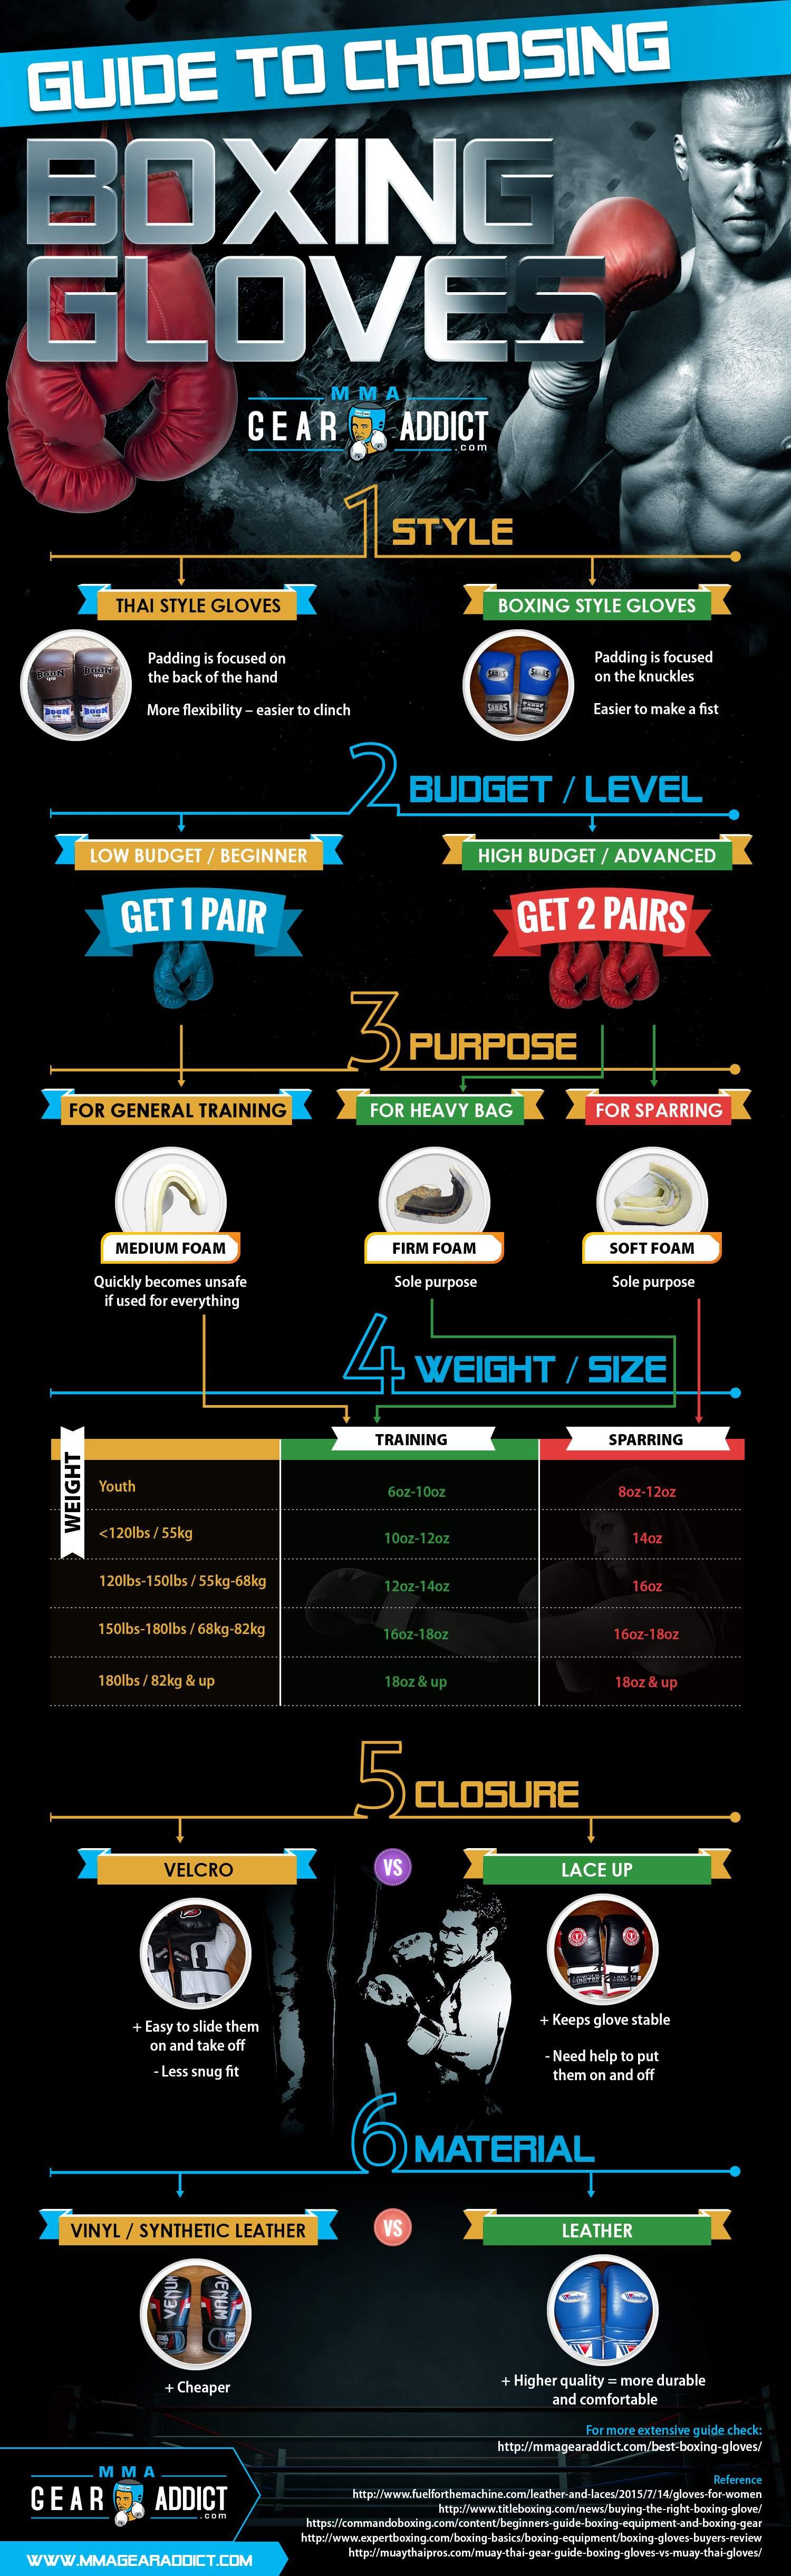 Infographic Het gevecht tussen Mayweather vs mcgregor